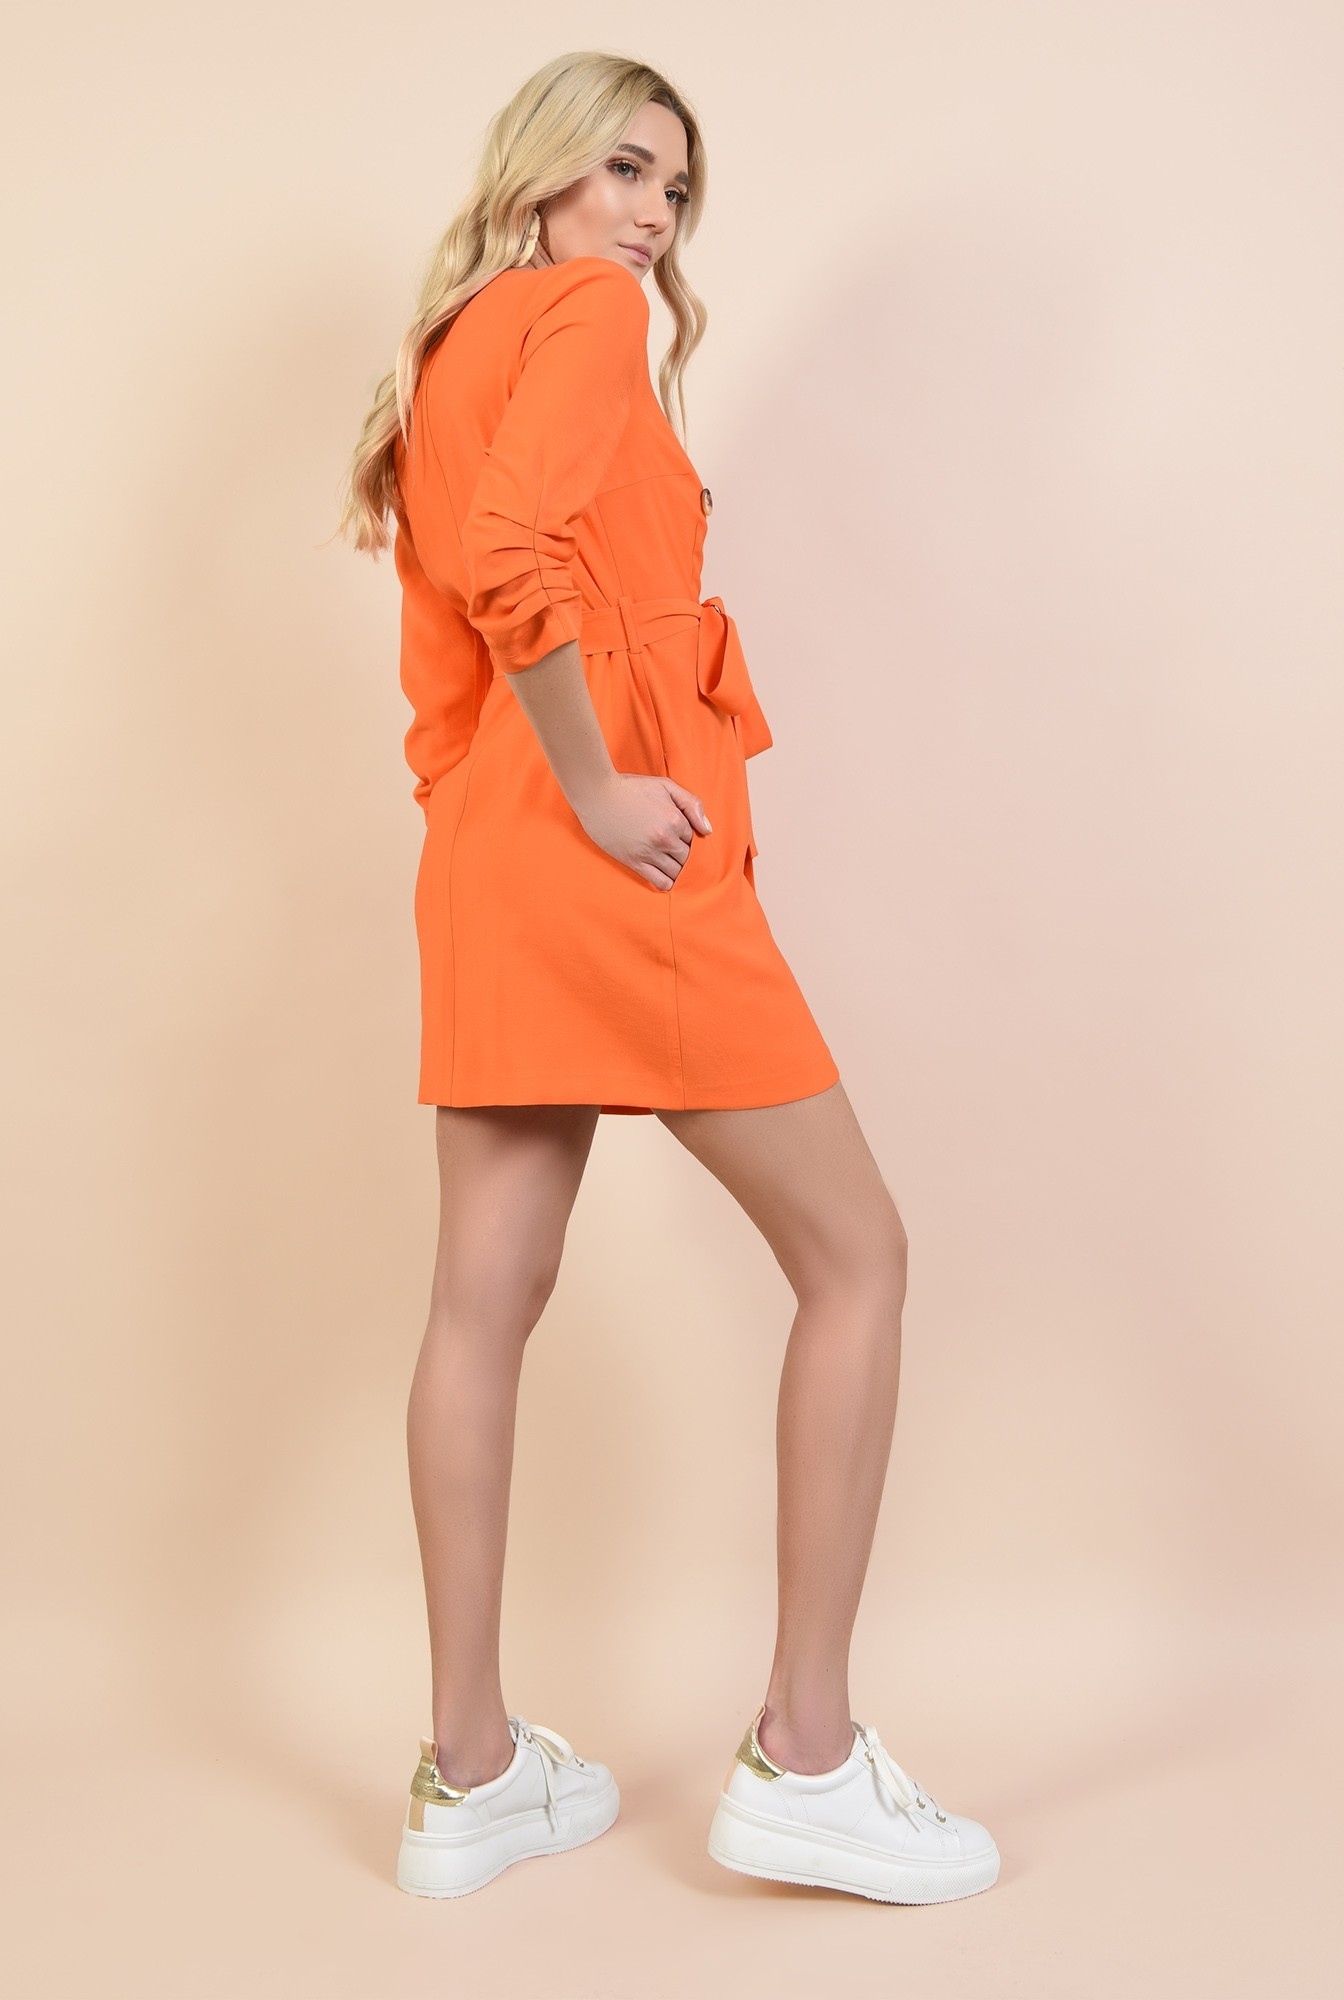 1 - 360 - rochie orange, casual, scurta, cu buzunare, fronseuri la maneci, cu nasturi